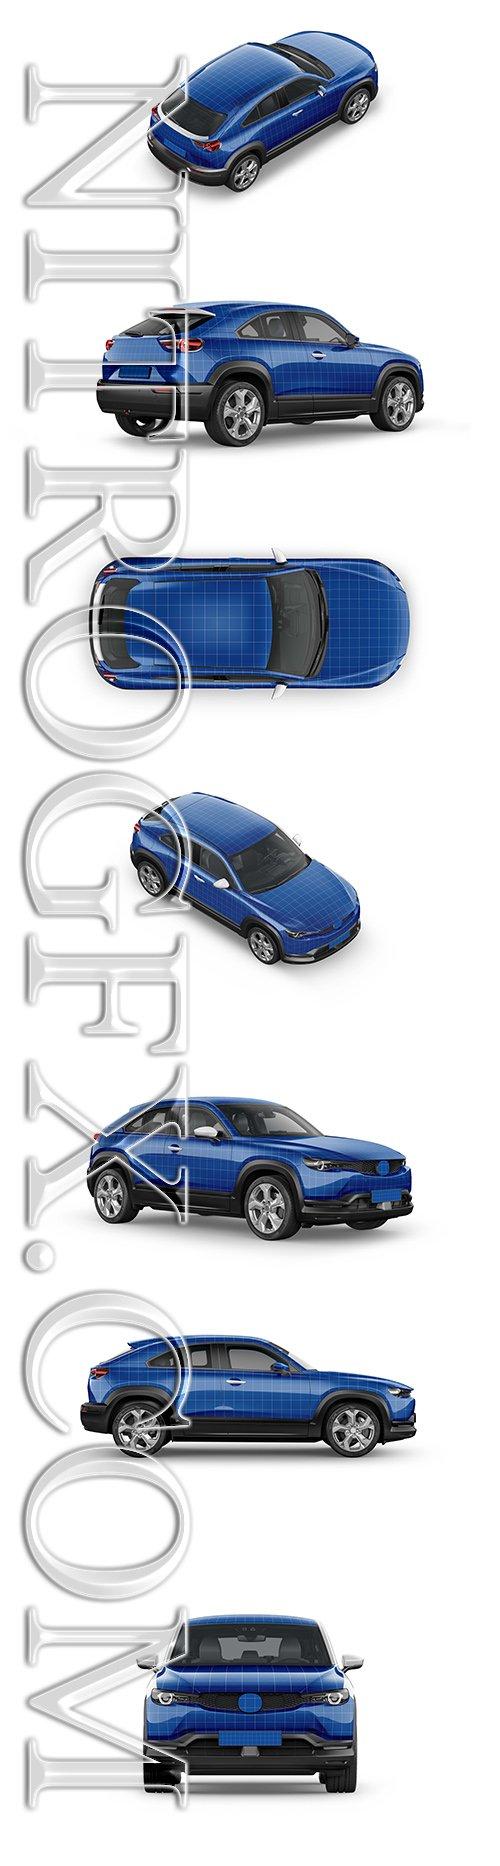 Premium Cars Mockup Pack